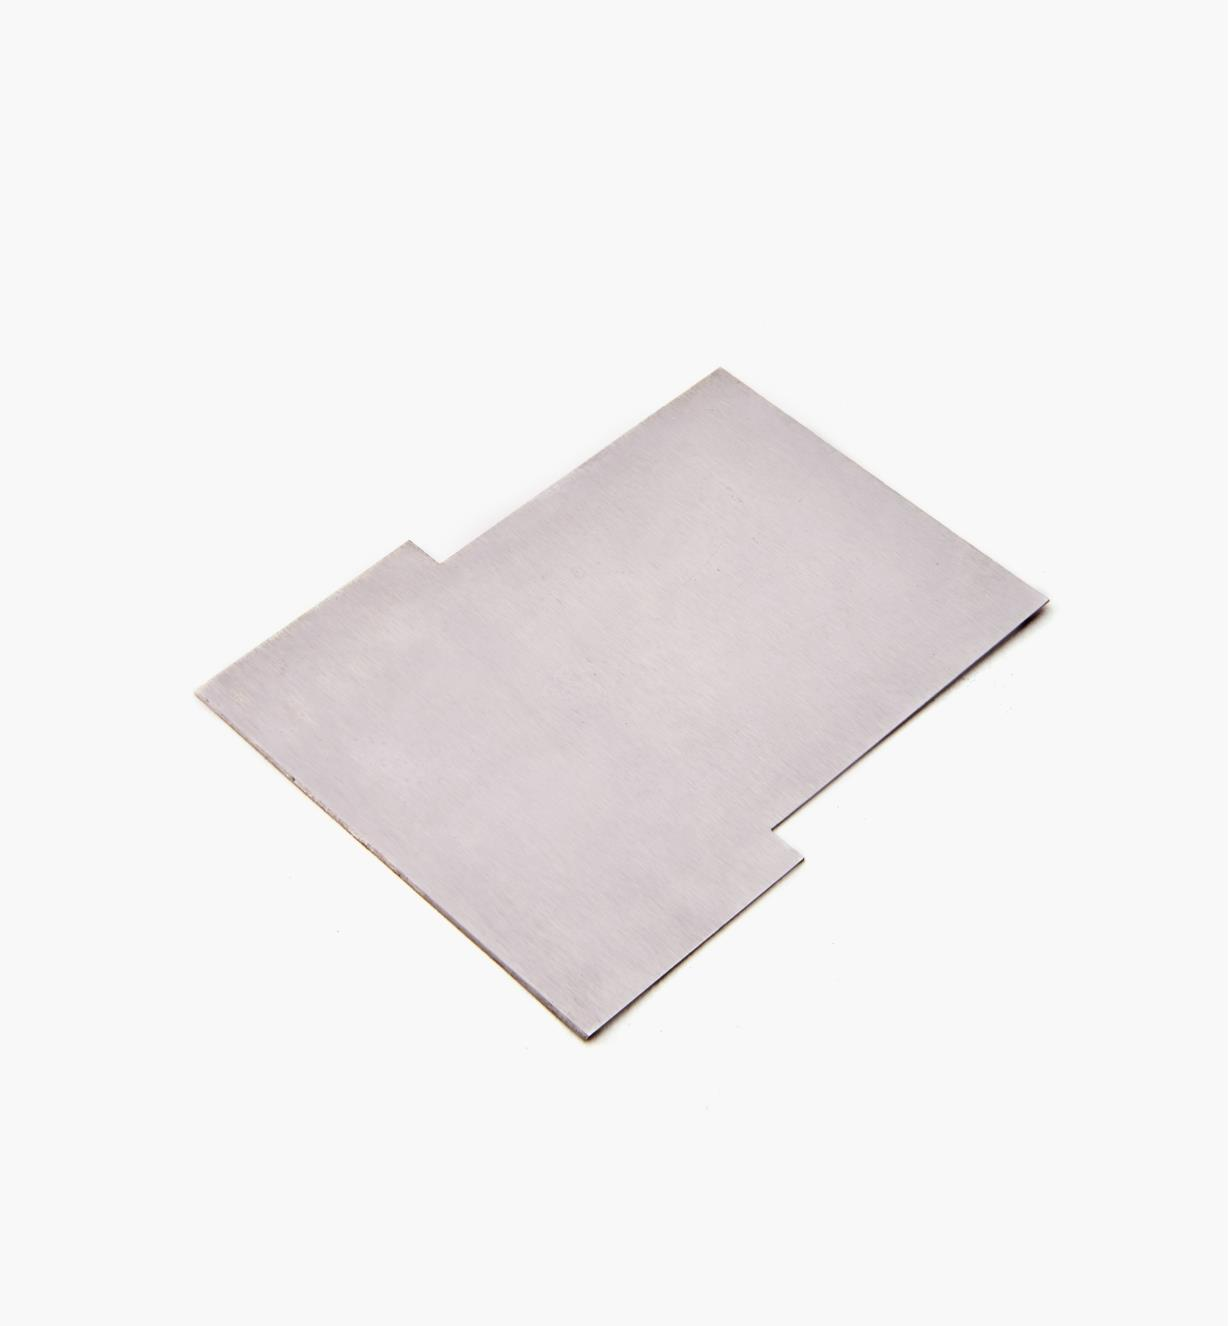 05P0603 - Lame optionnelle, 2 3/8po x 0,016po